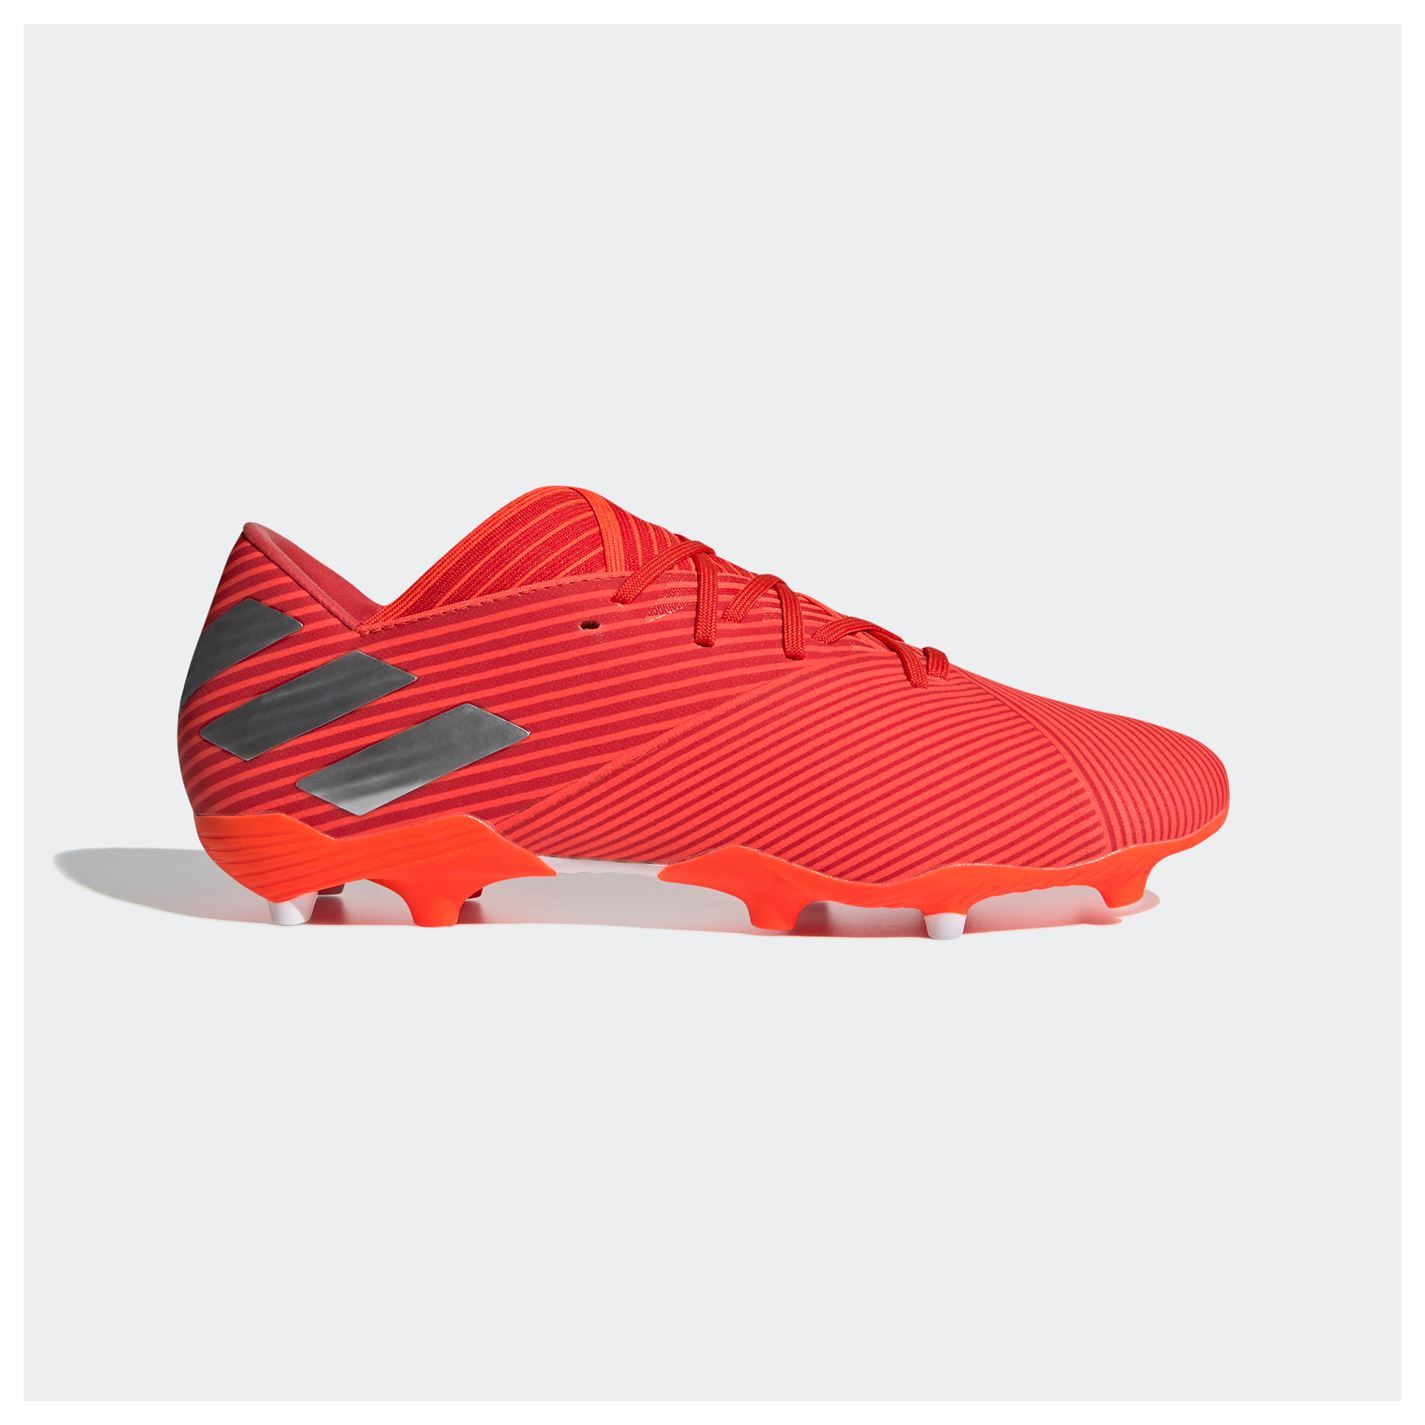 Adidas-nemeziz-19-2-Firm-Ground-FG-Chaussures-De-Football-Hommes-Soccer-Crampons-Chaussures miniature 13